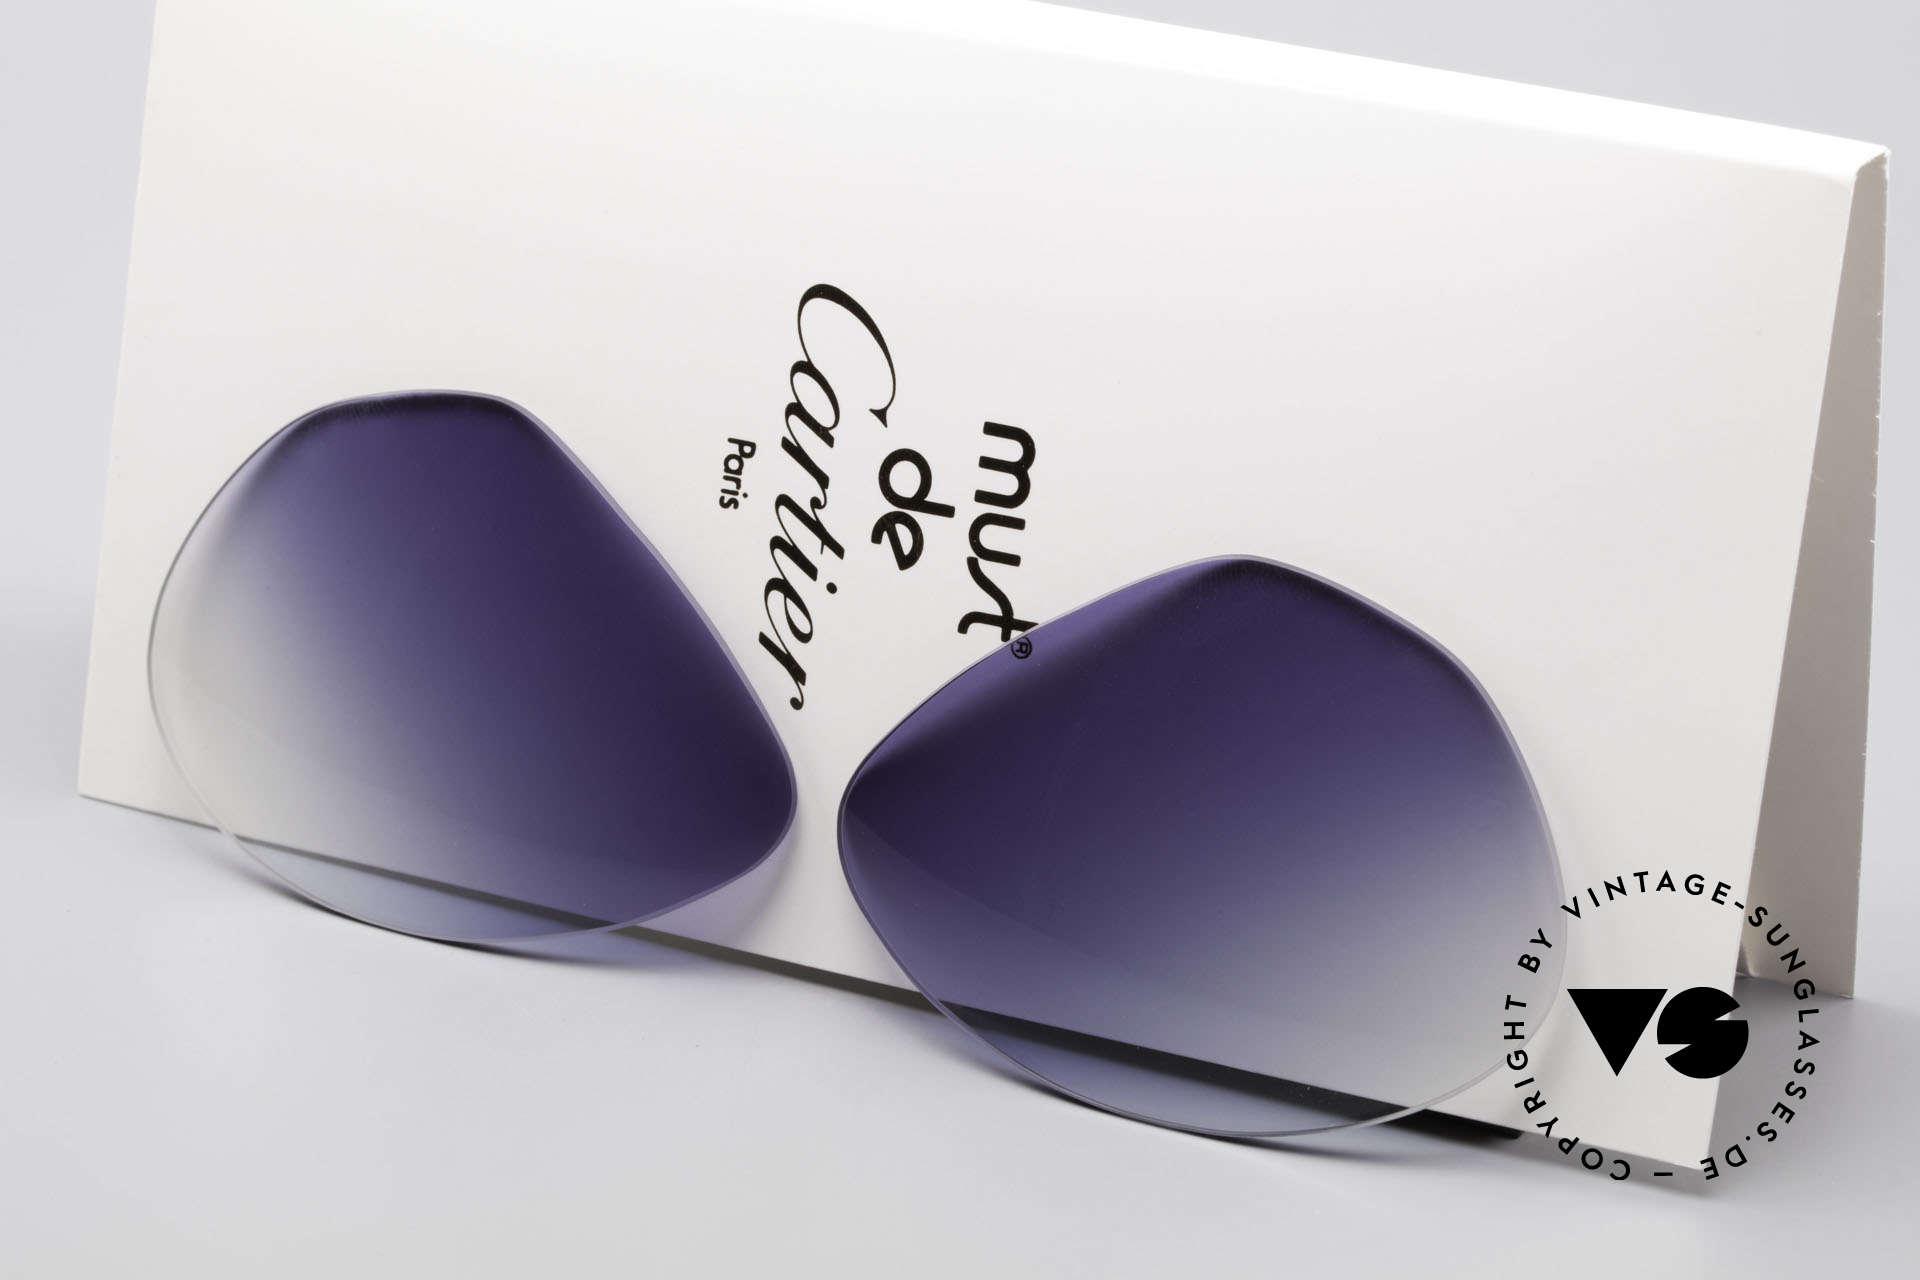 Cartier Vendome Lenses - L Blue Gradient Sun Lenses, new CR39 UV400 plastic lenses (for 100% UV protection), Made for Men